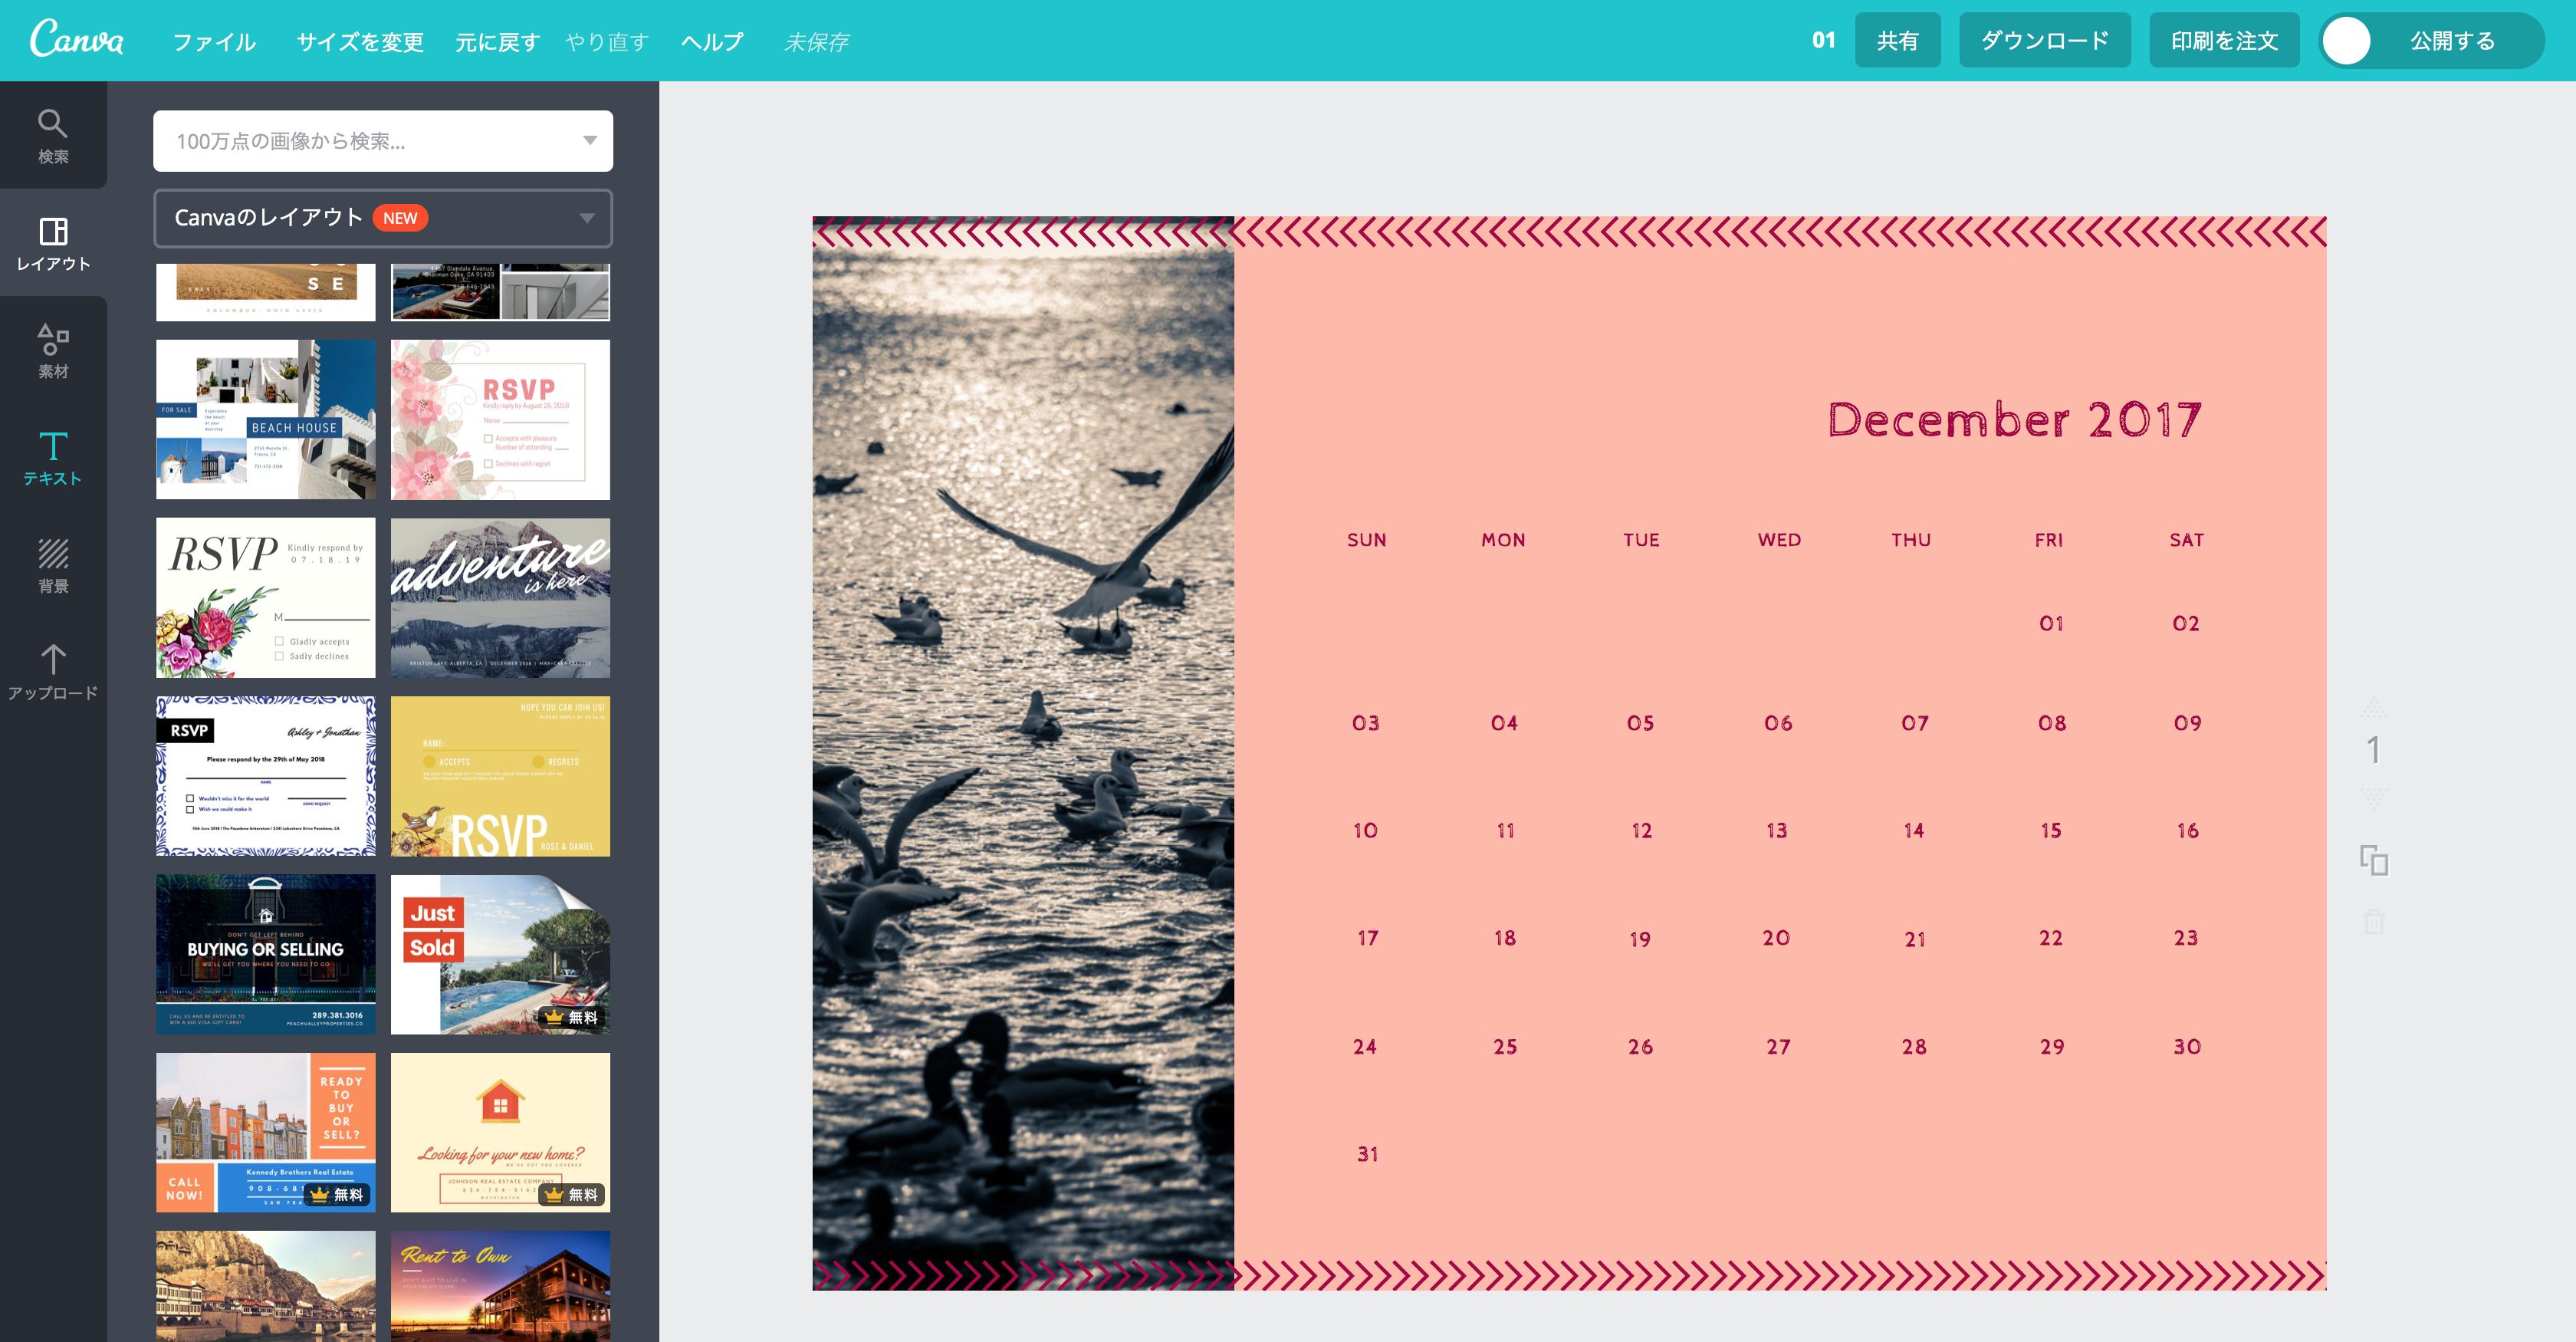 オリジナルの卓上カレンダーを簡単作成